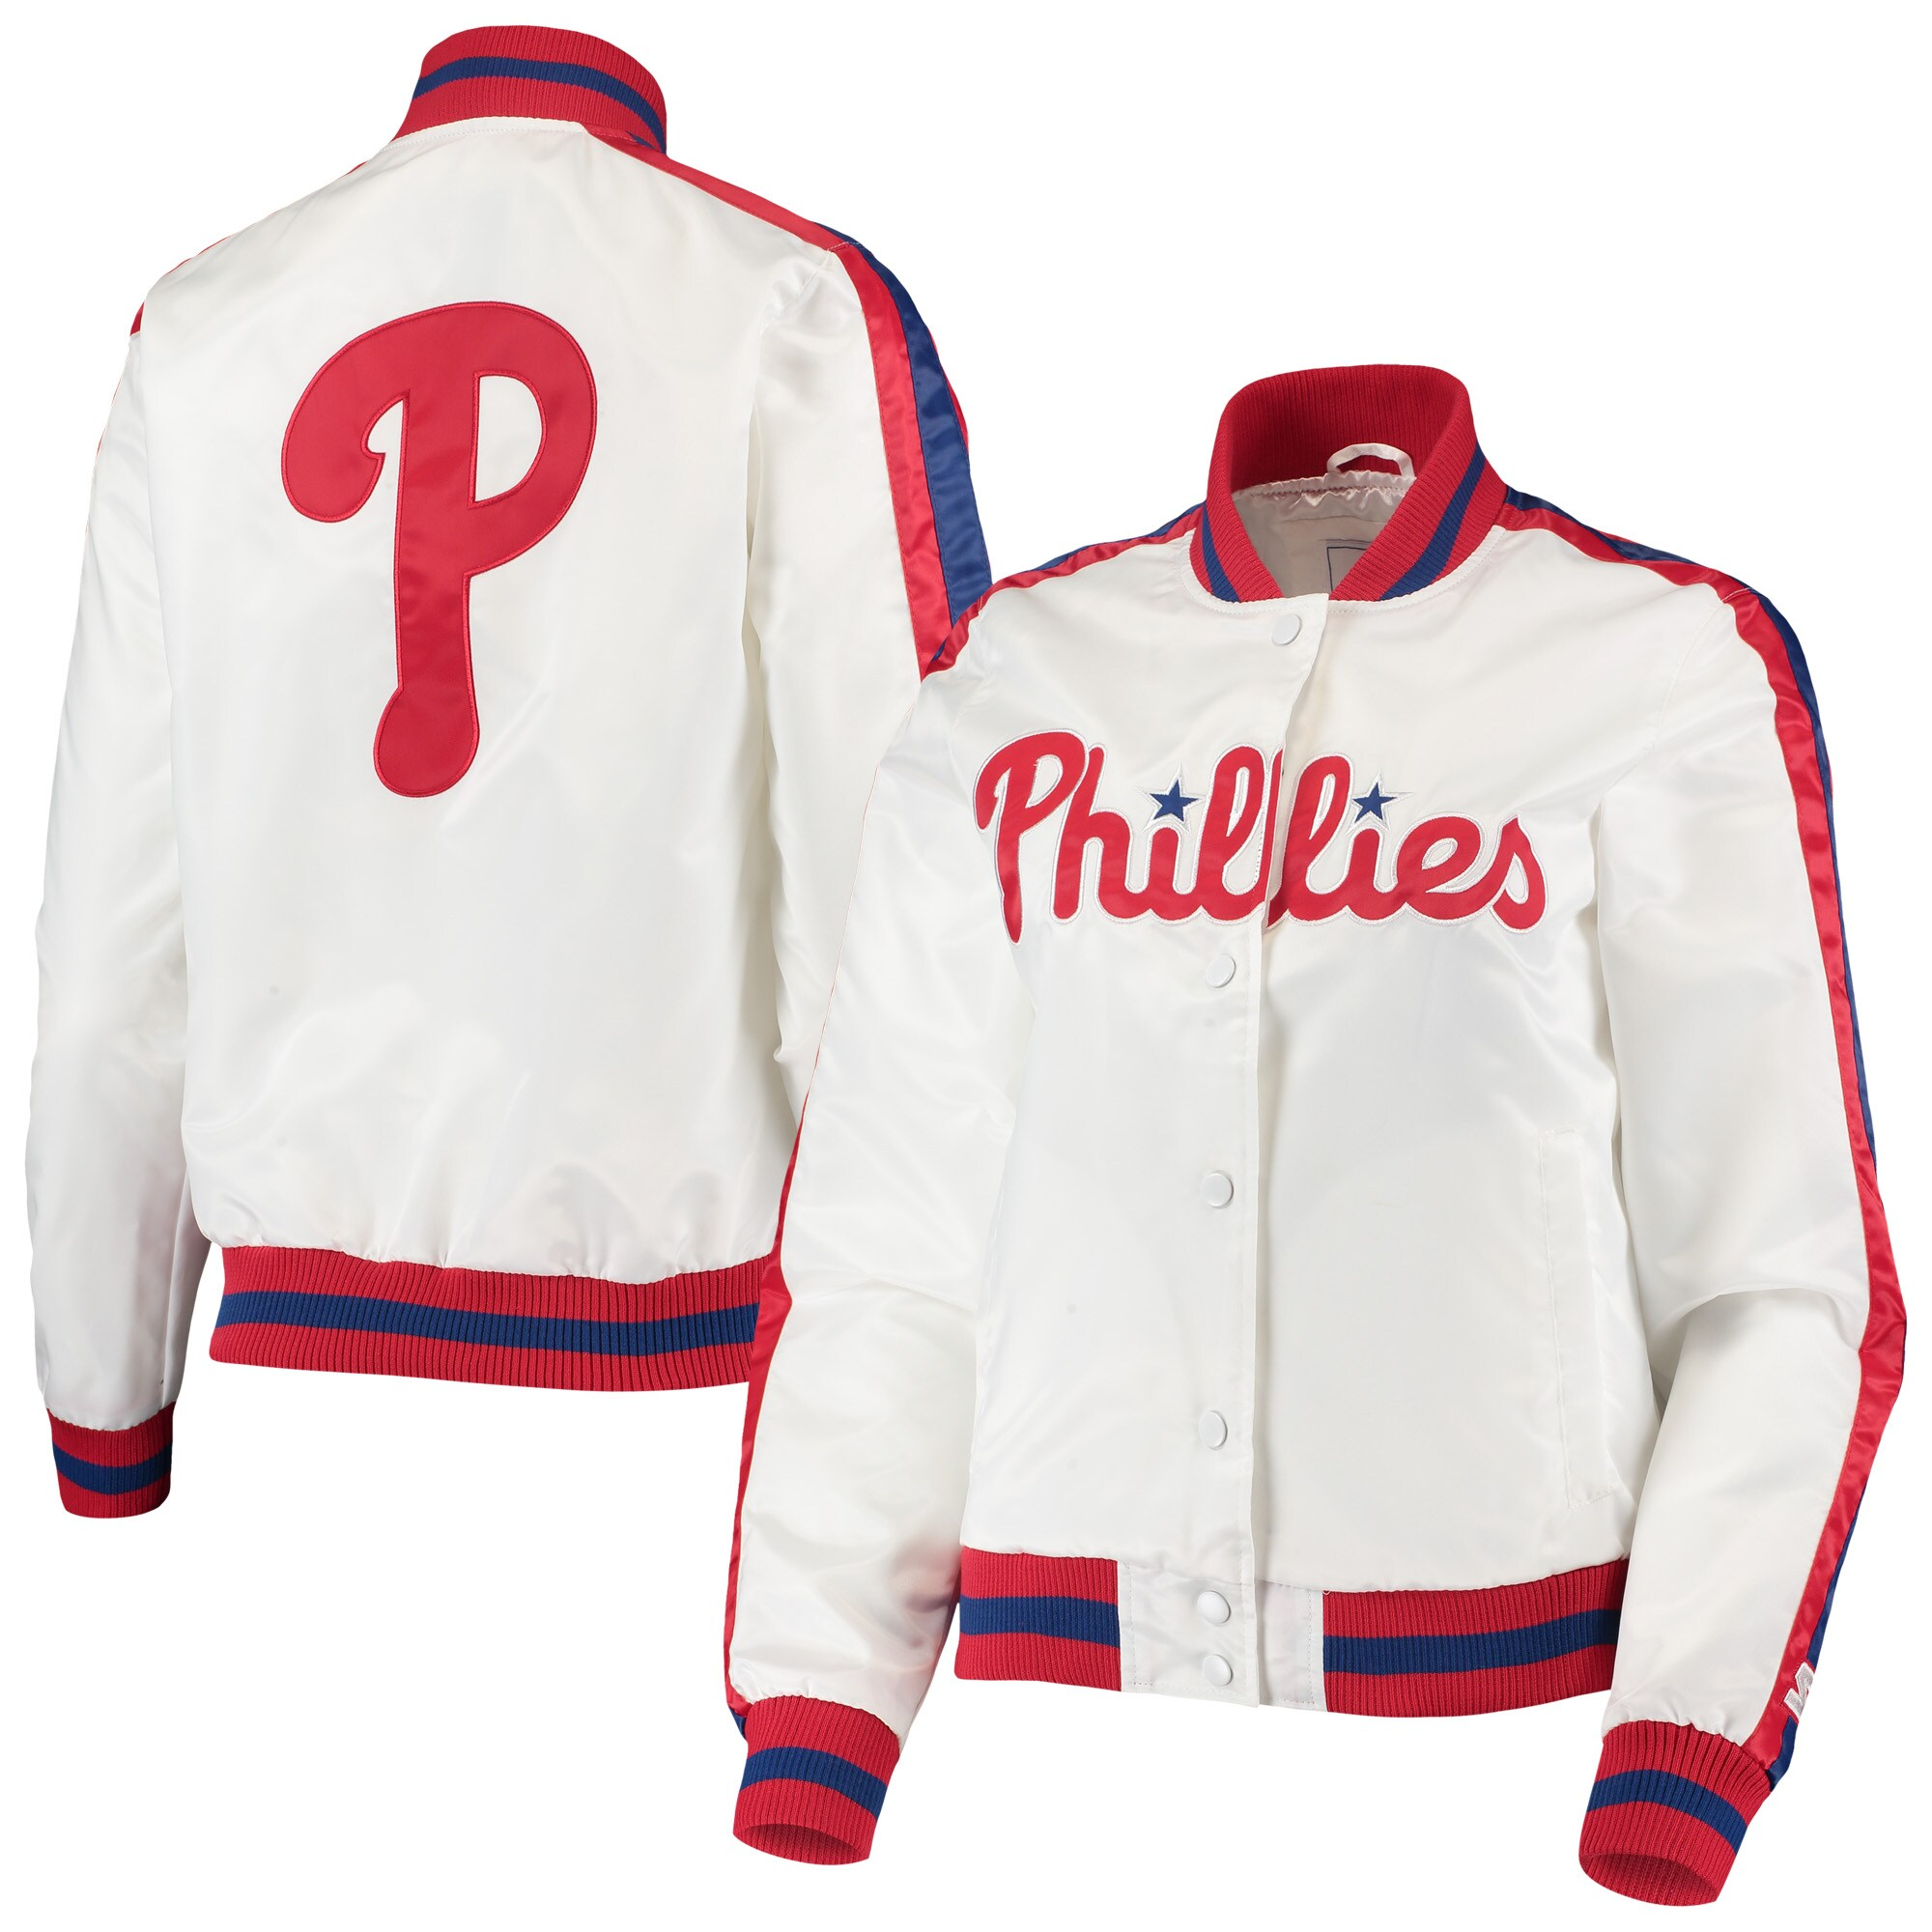 Philadelphia Phillies Starter Women's Hometown Full-Snap Jacket - White/Red